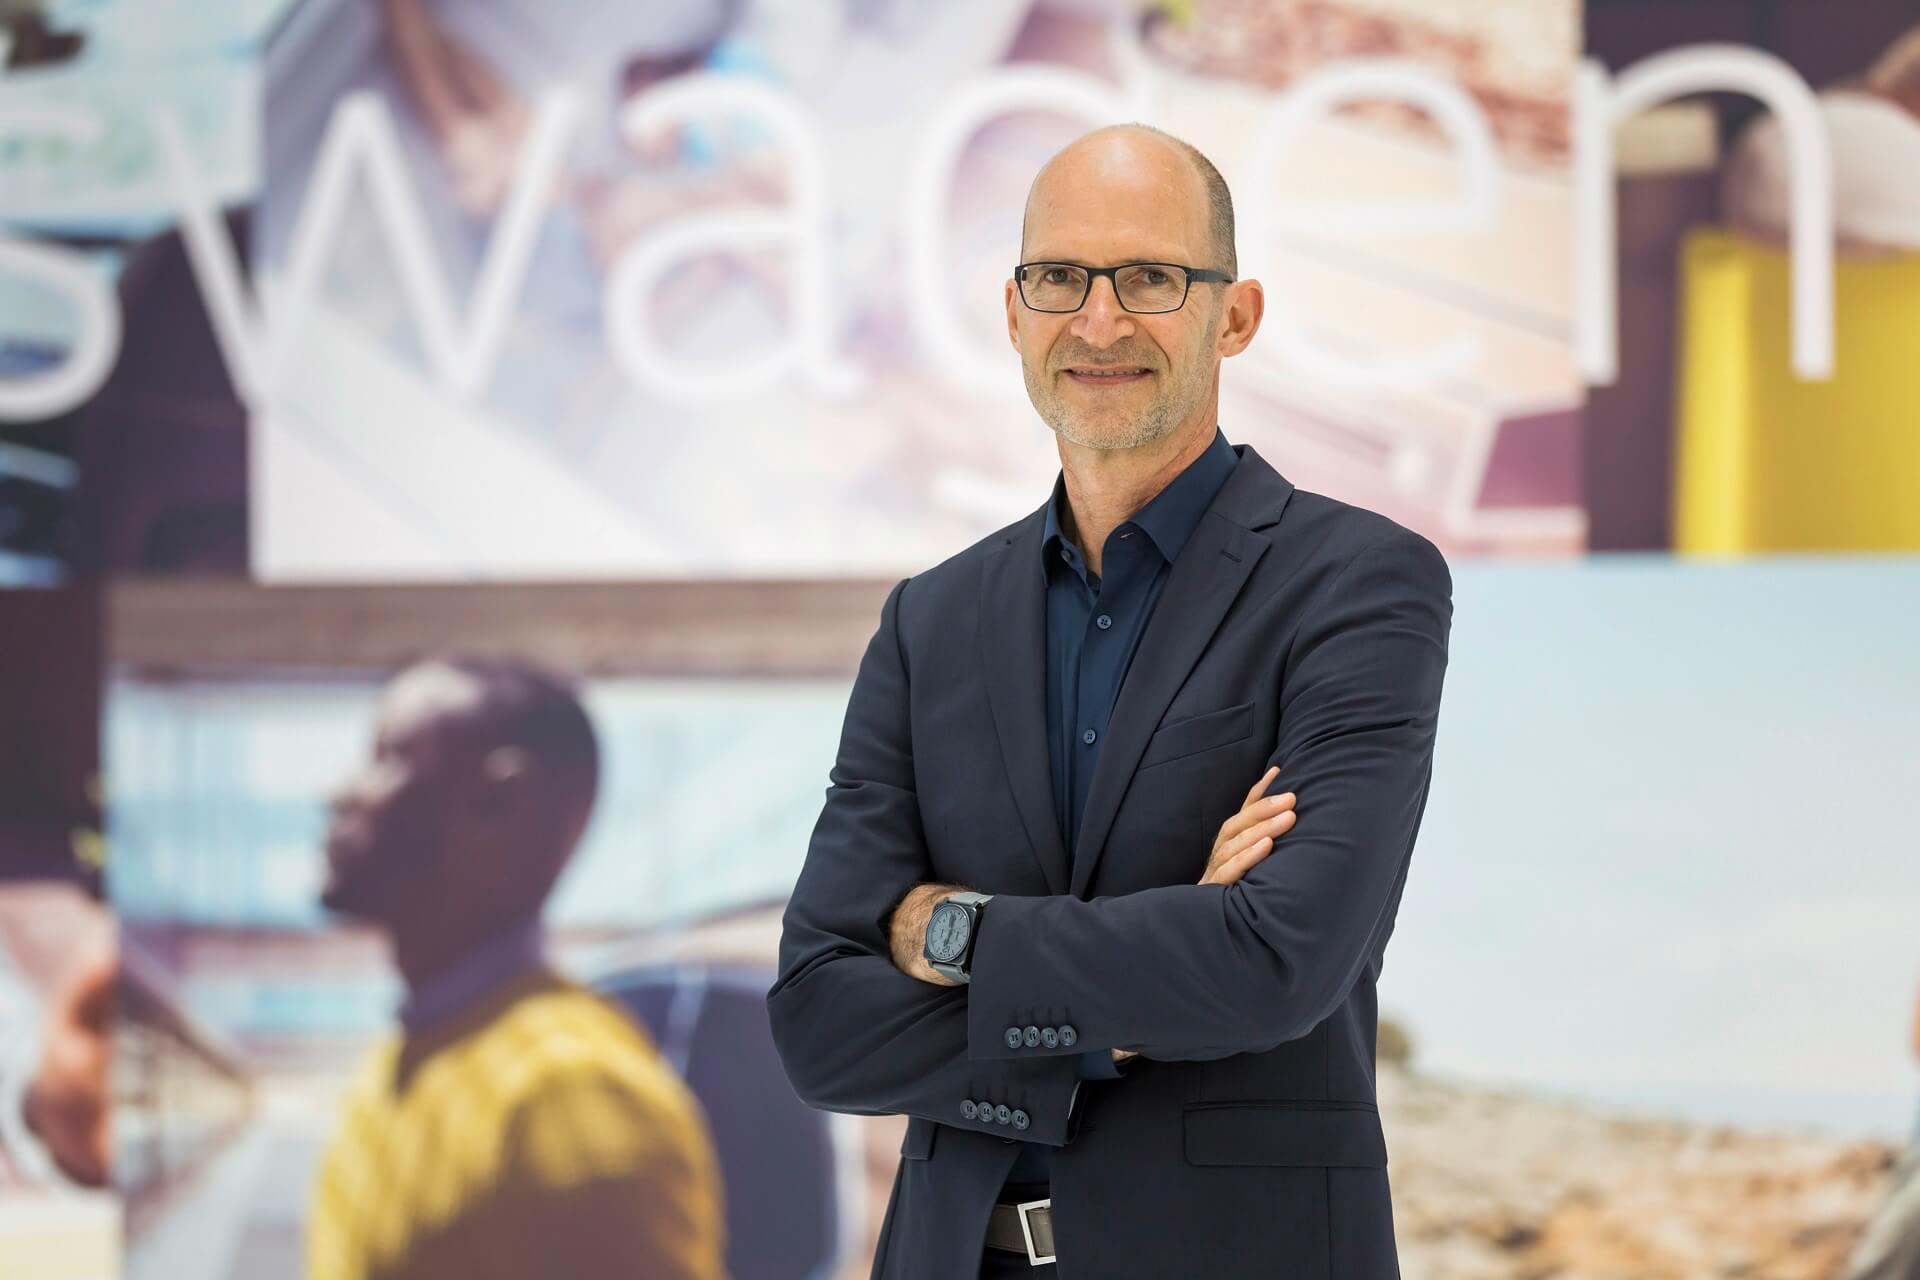 Volkswagen - Klaus Bischoff, Head of Design